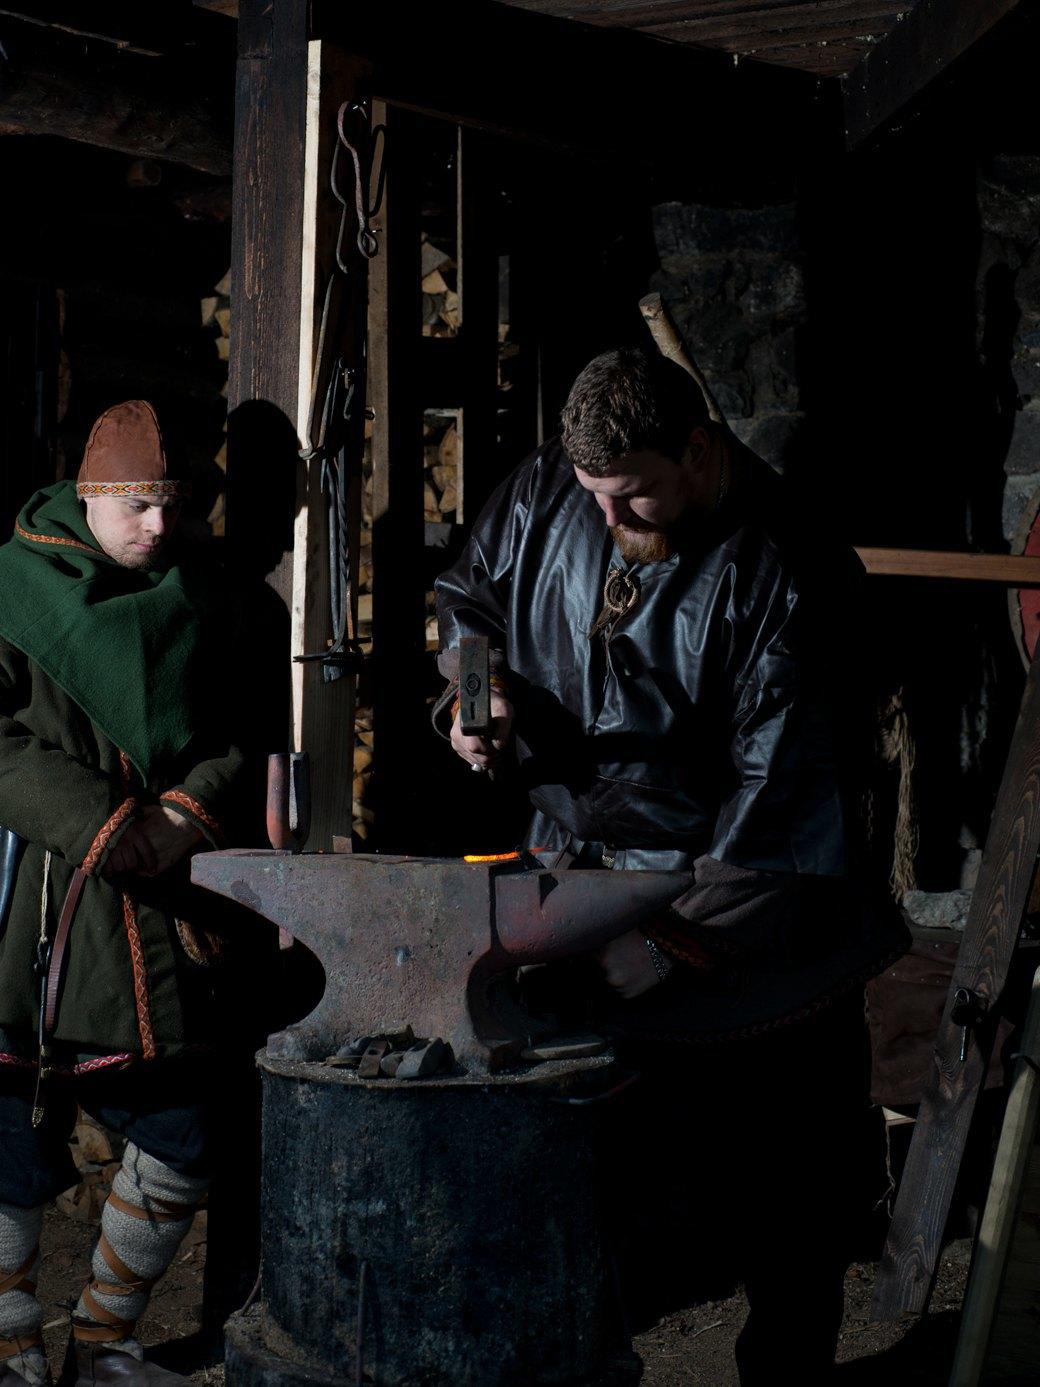 «Такая военная демократия»: Как живут искем сражаются викинги под Выборгом. Изображение № 6.